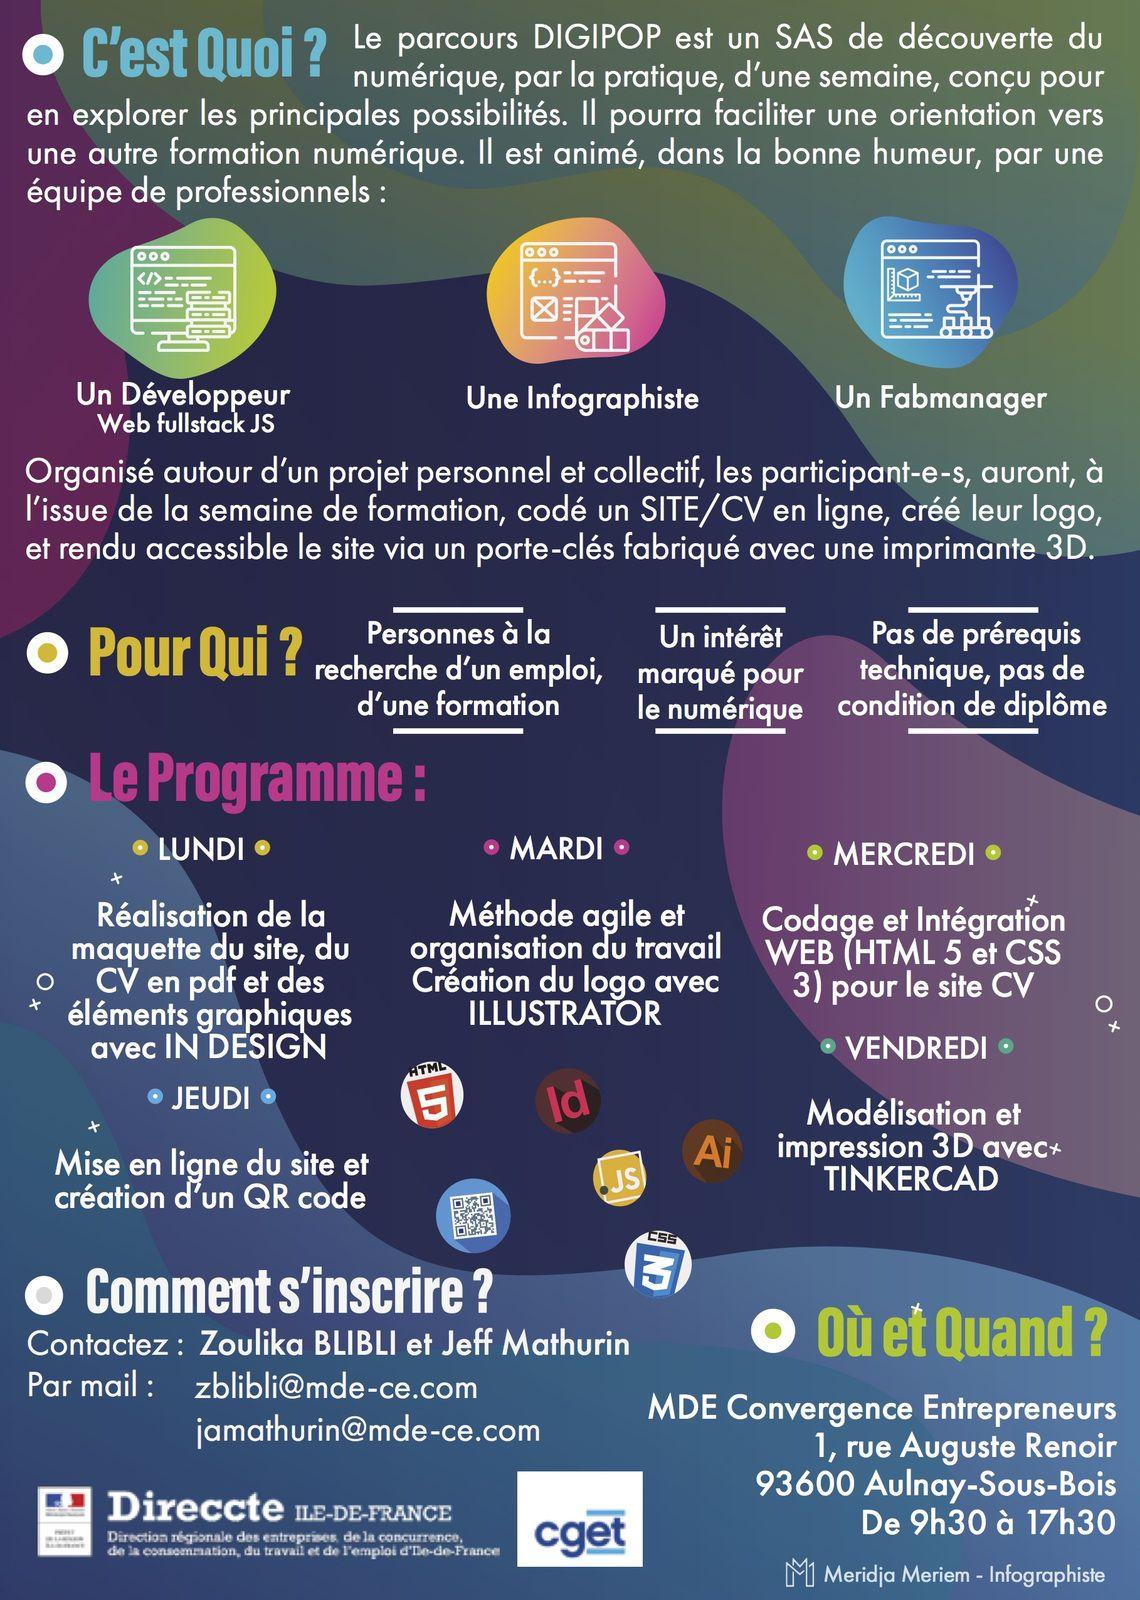 Une semaine pour découvrir le numérique à Aulnay-sous-Bois